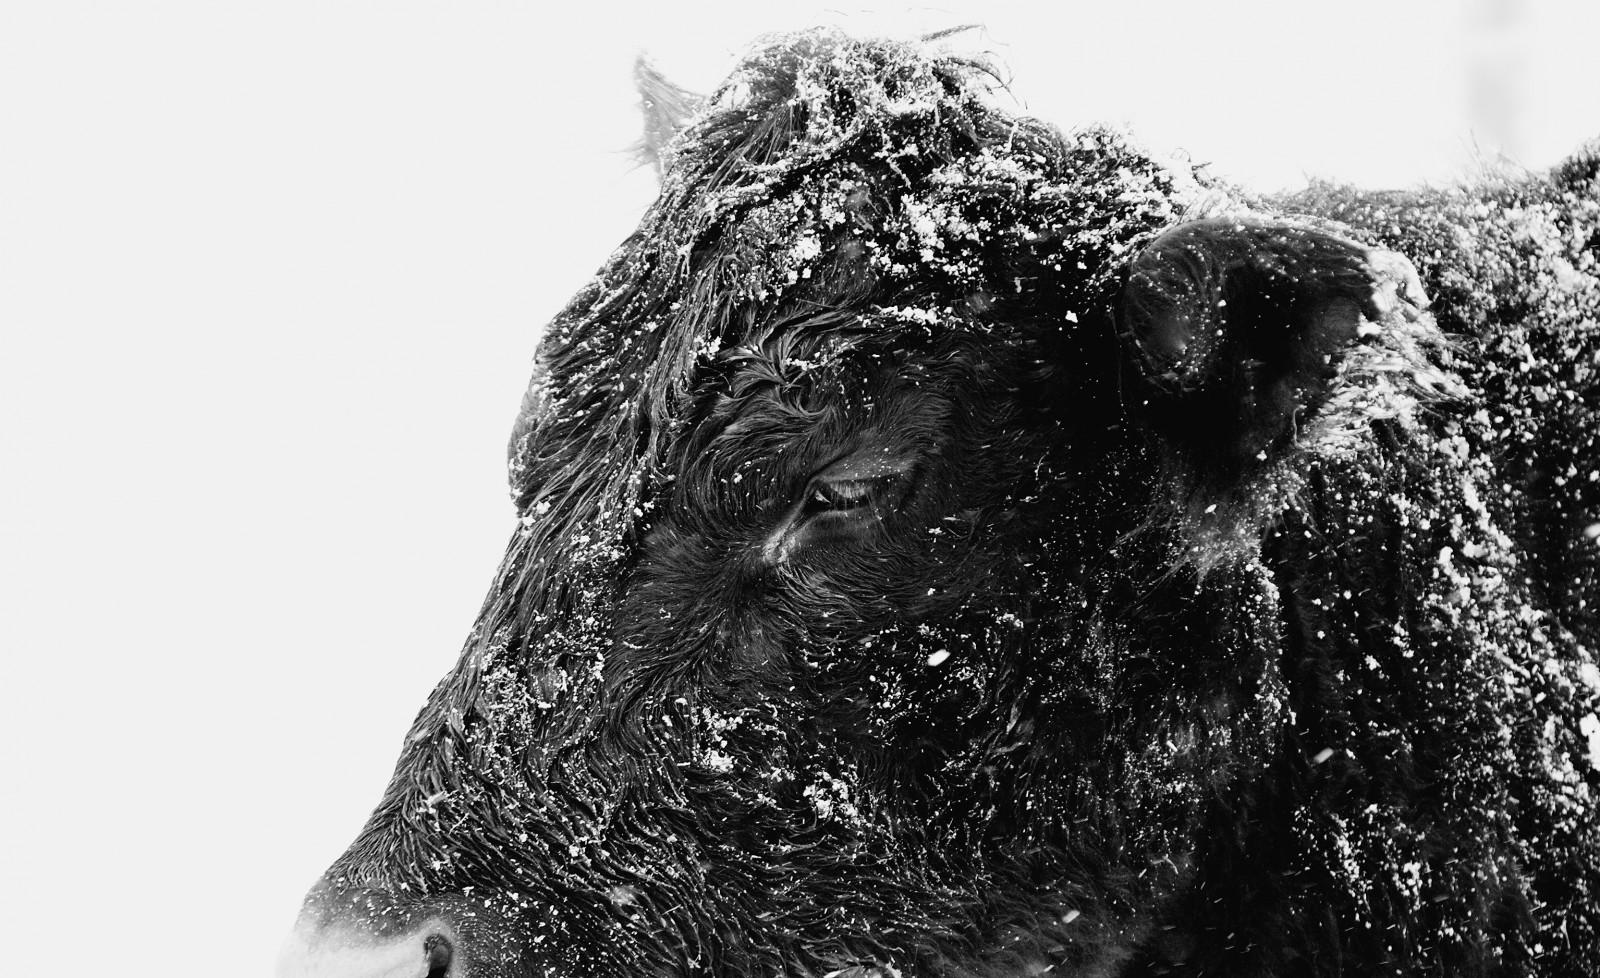 fond d 39 cran dessin monochrome la nature neige hiver la photographie orage sculpture. Black Bedroom Furniture Sets. Home Design Ideas